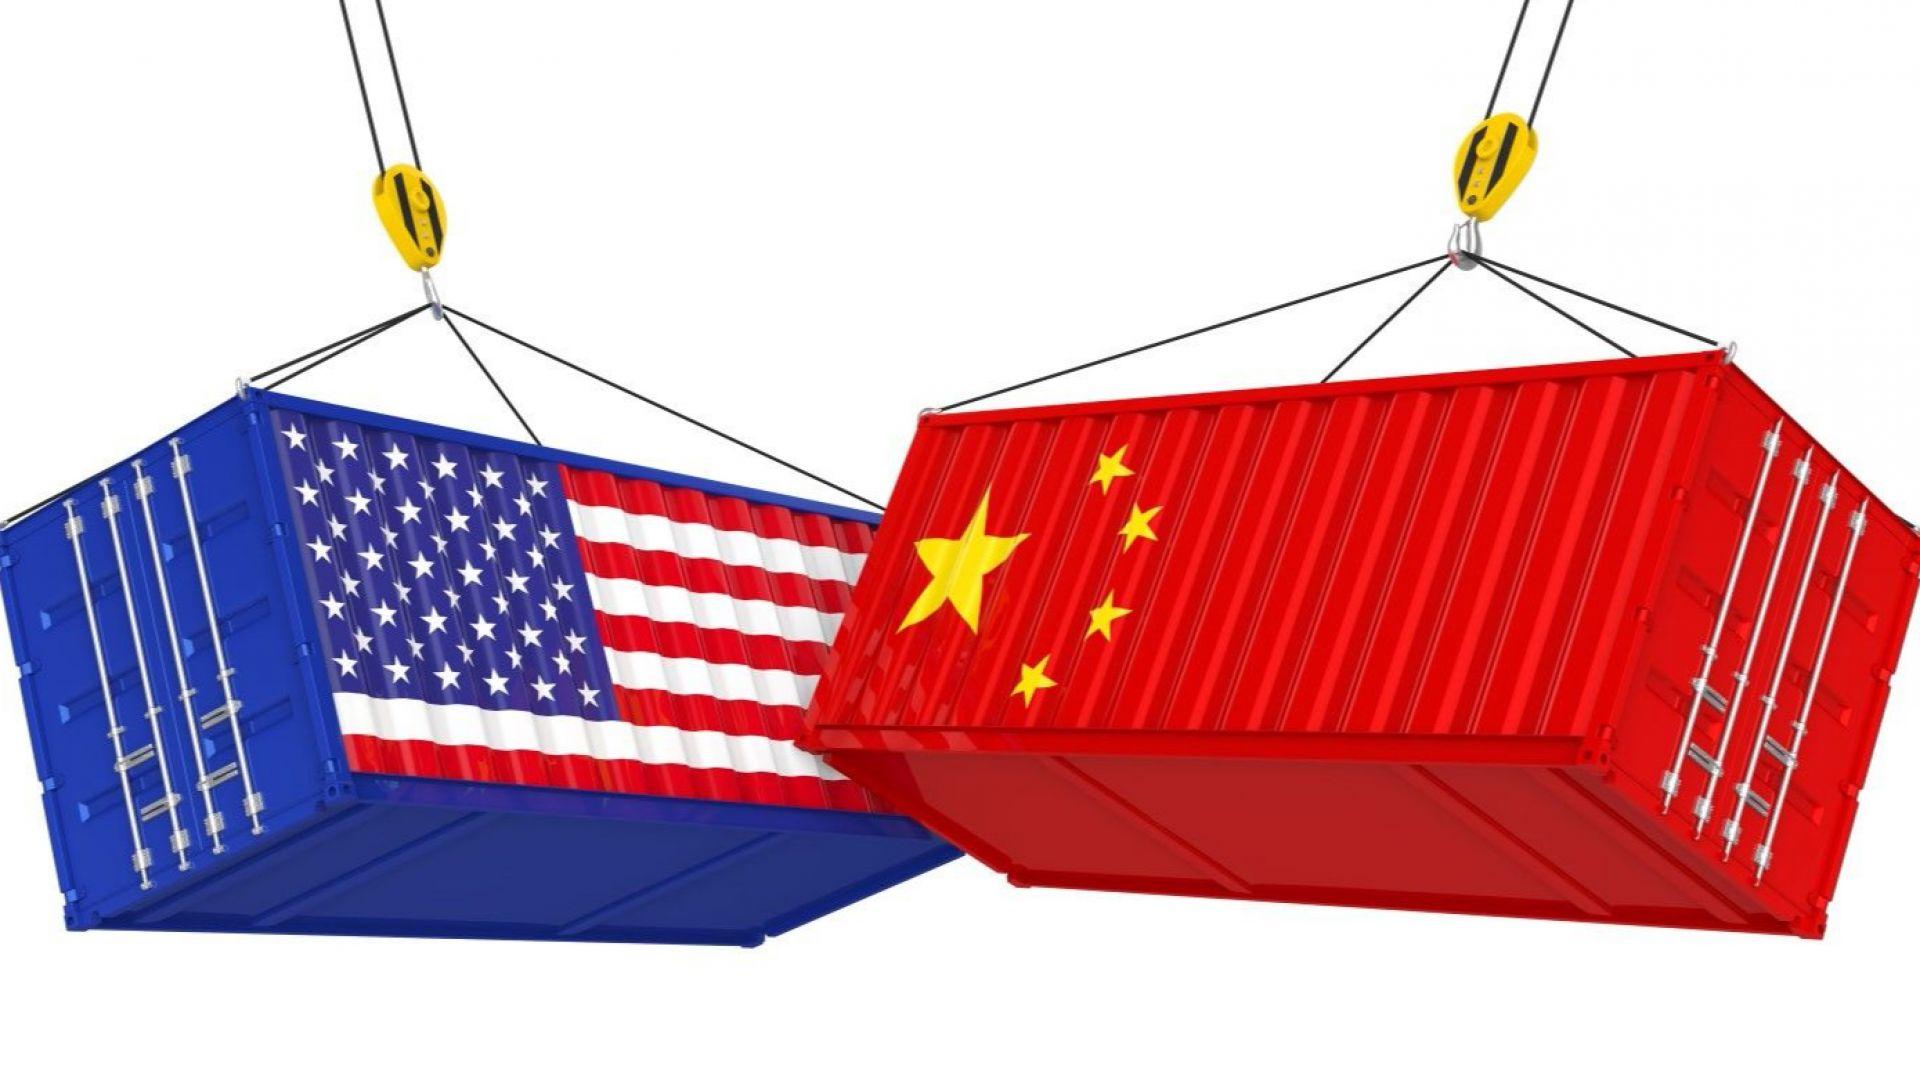 Търговската война на Тръмп с Китай поставя дилема пред ЕС